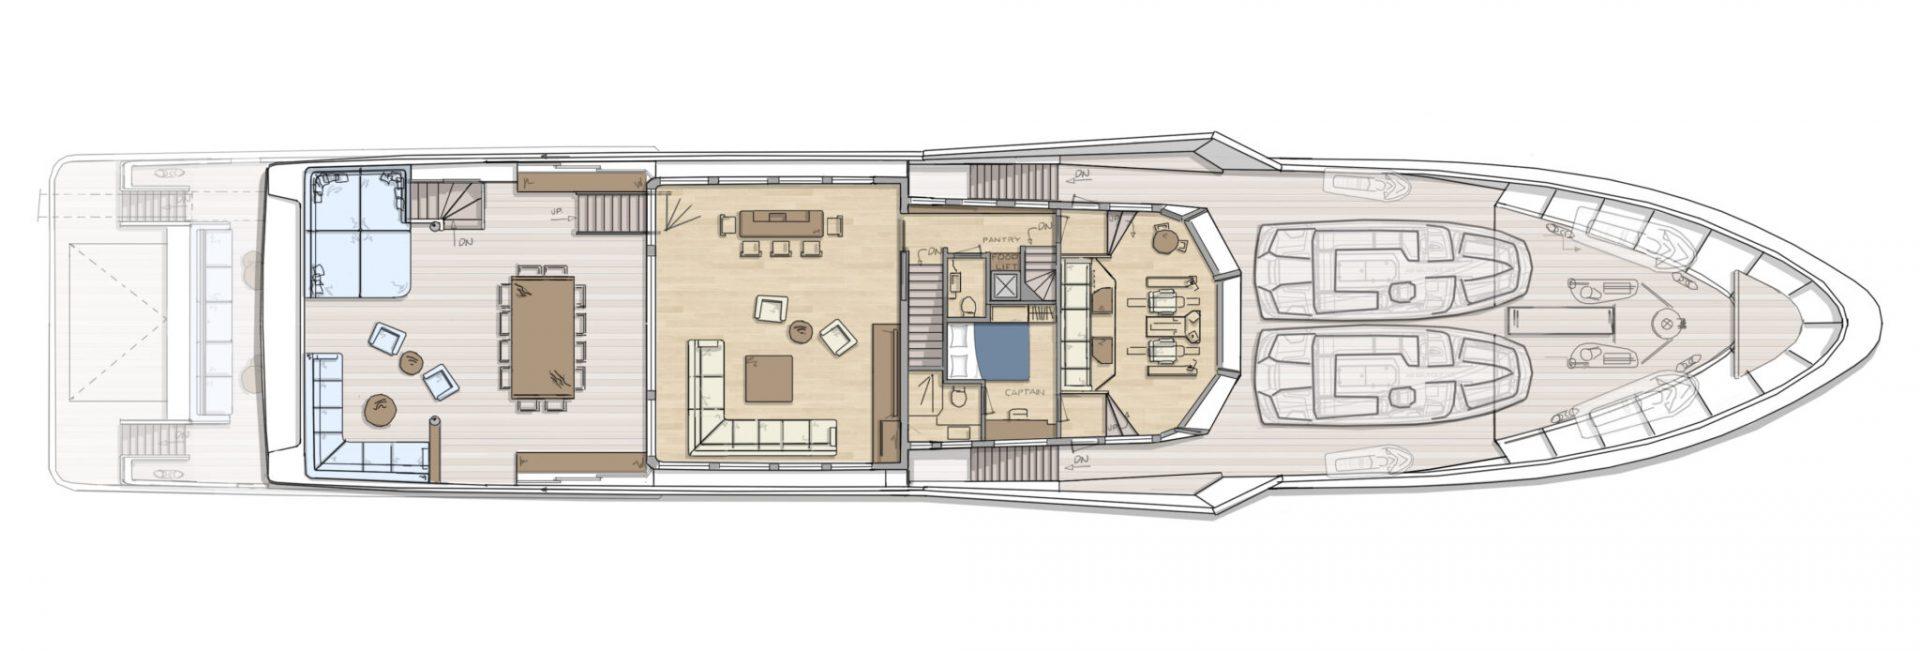 DIANA R.50 - Bridgedeck - superyacht concept design - Diana Yacht Design